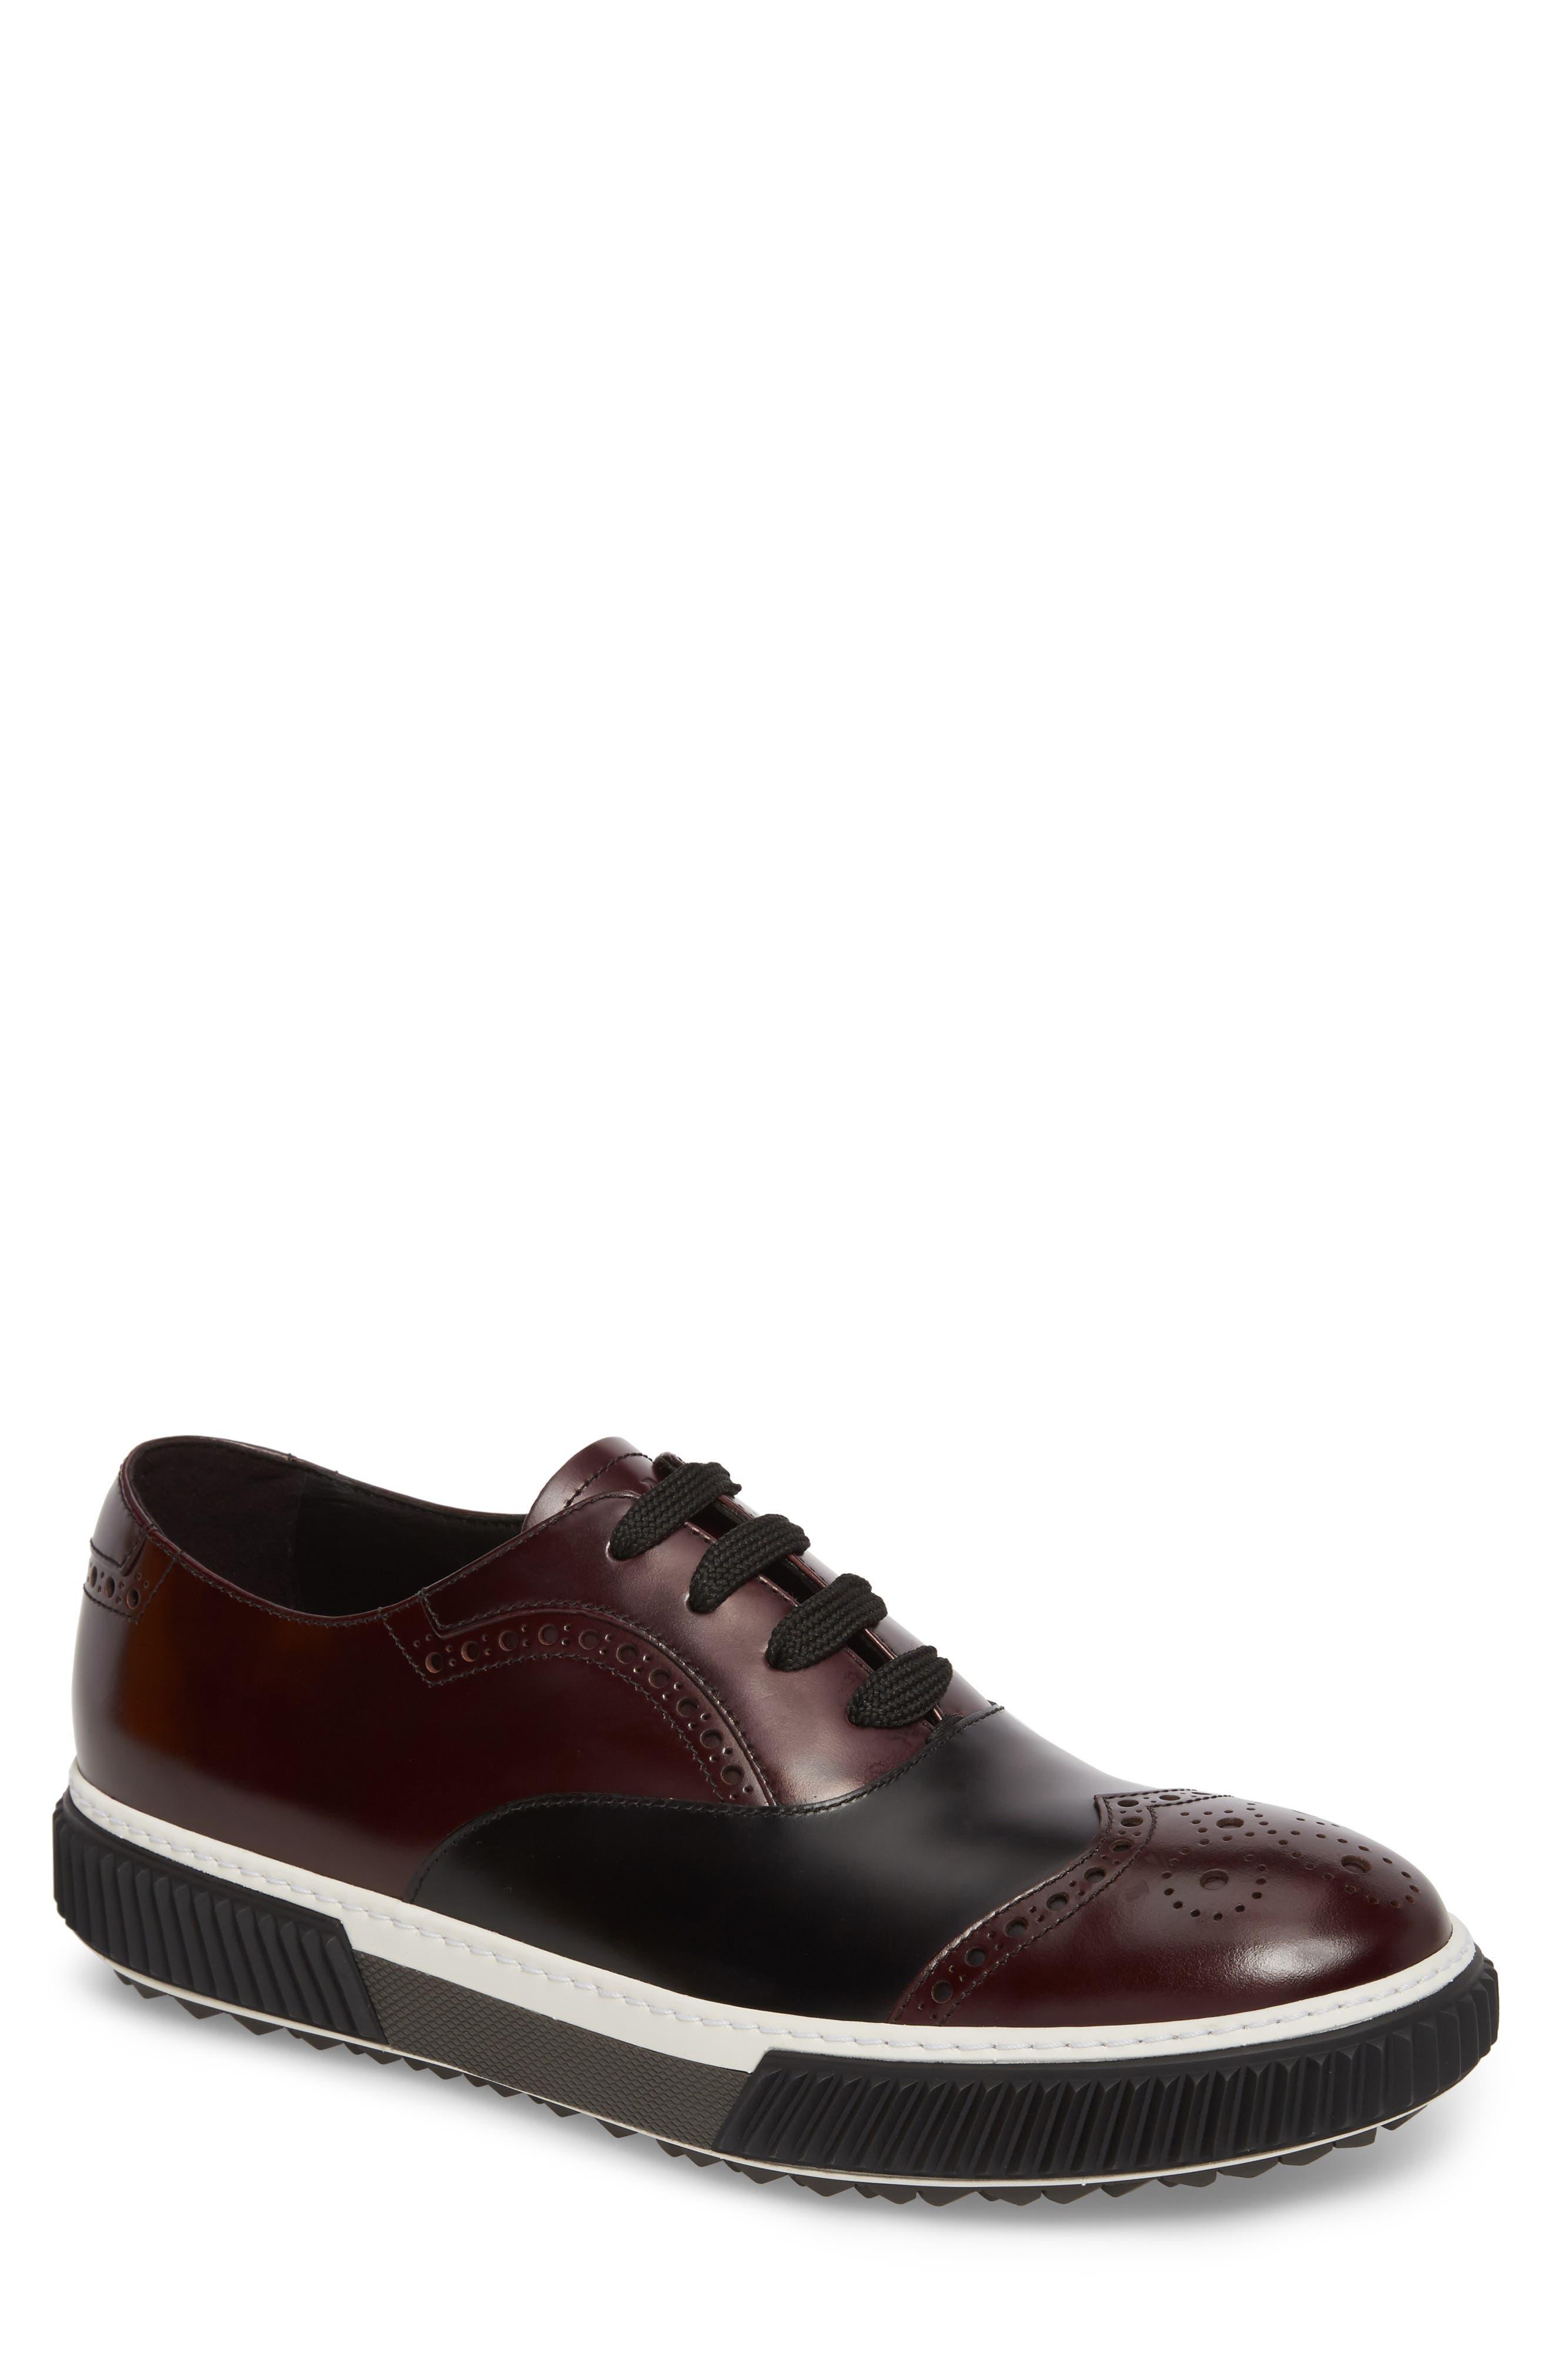 Main Image - Prada Linea Rossa Wingtip Sneaker (Men)